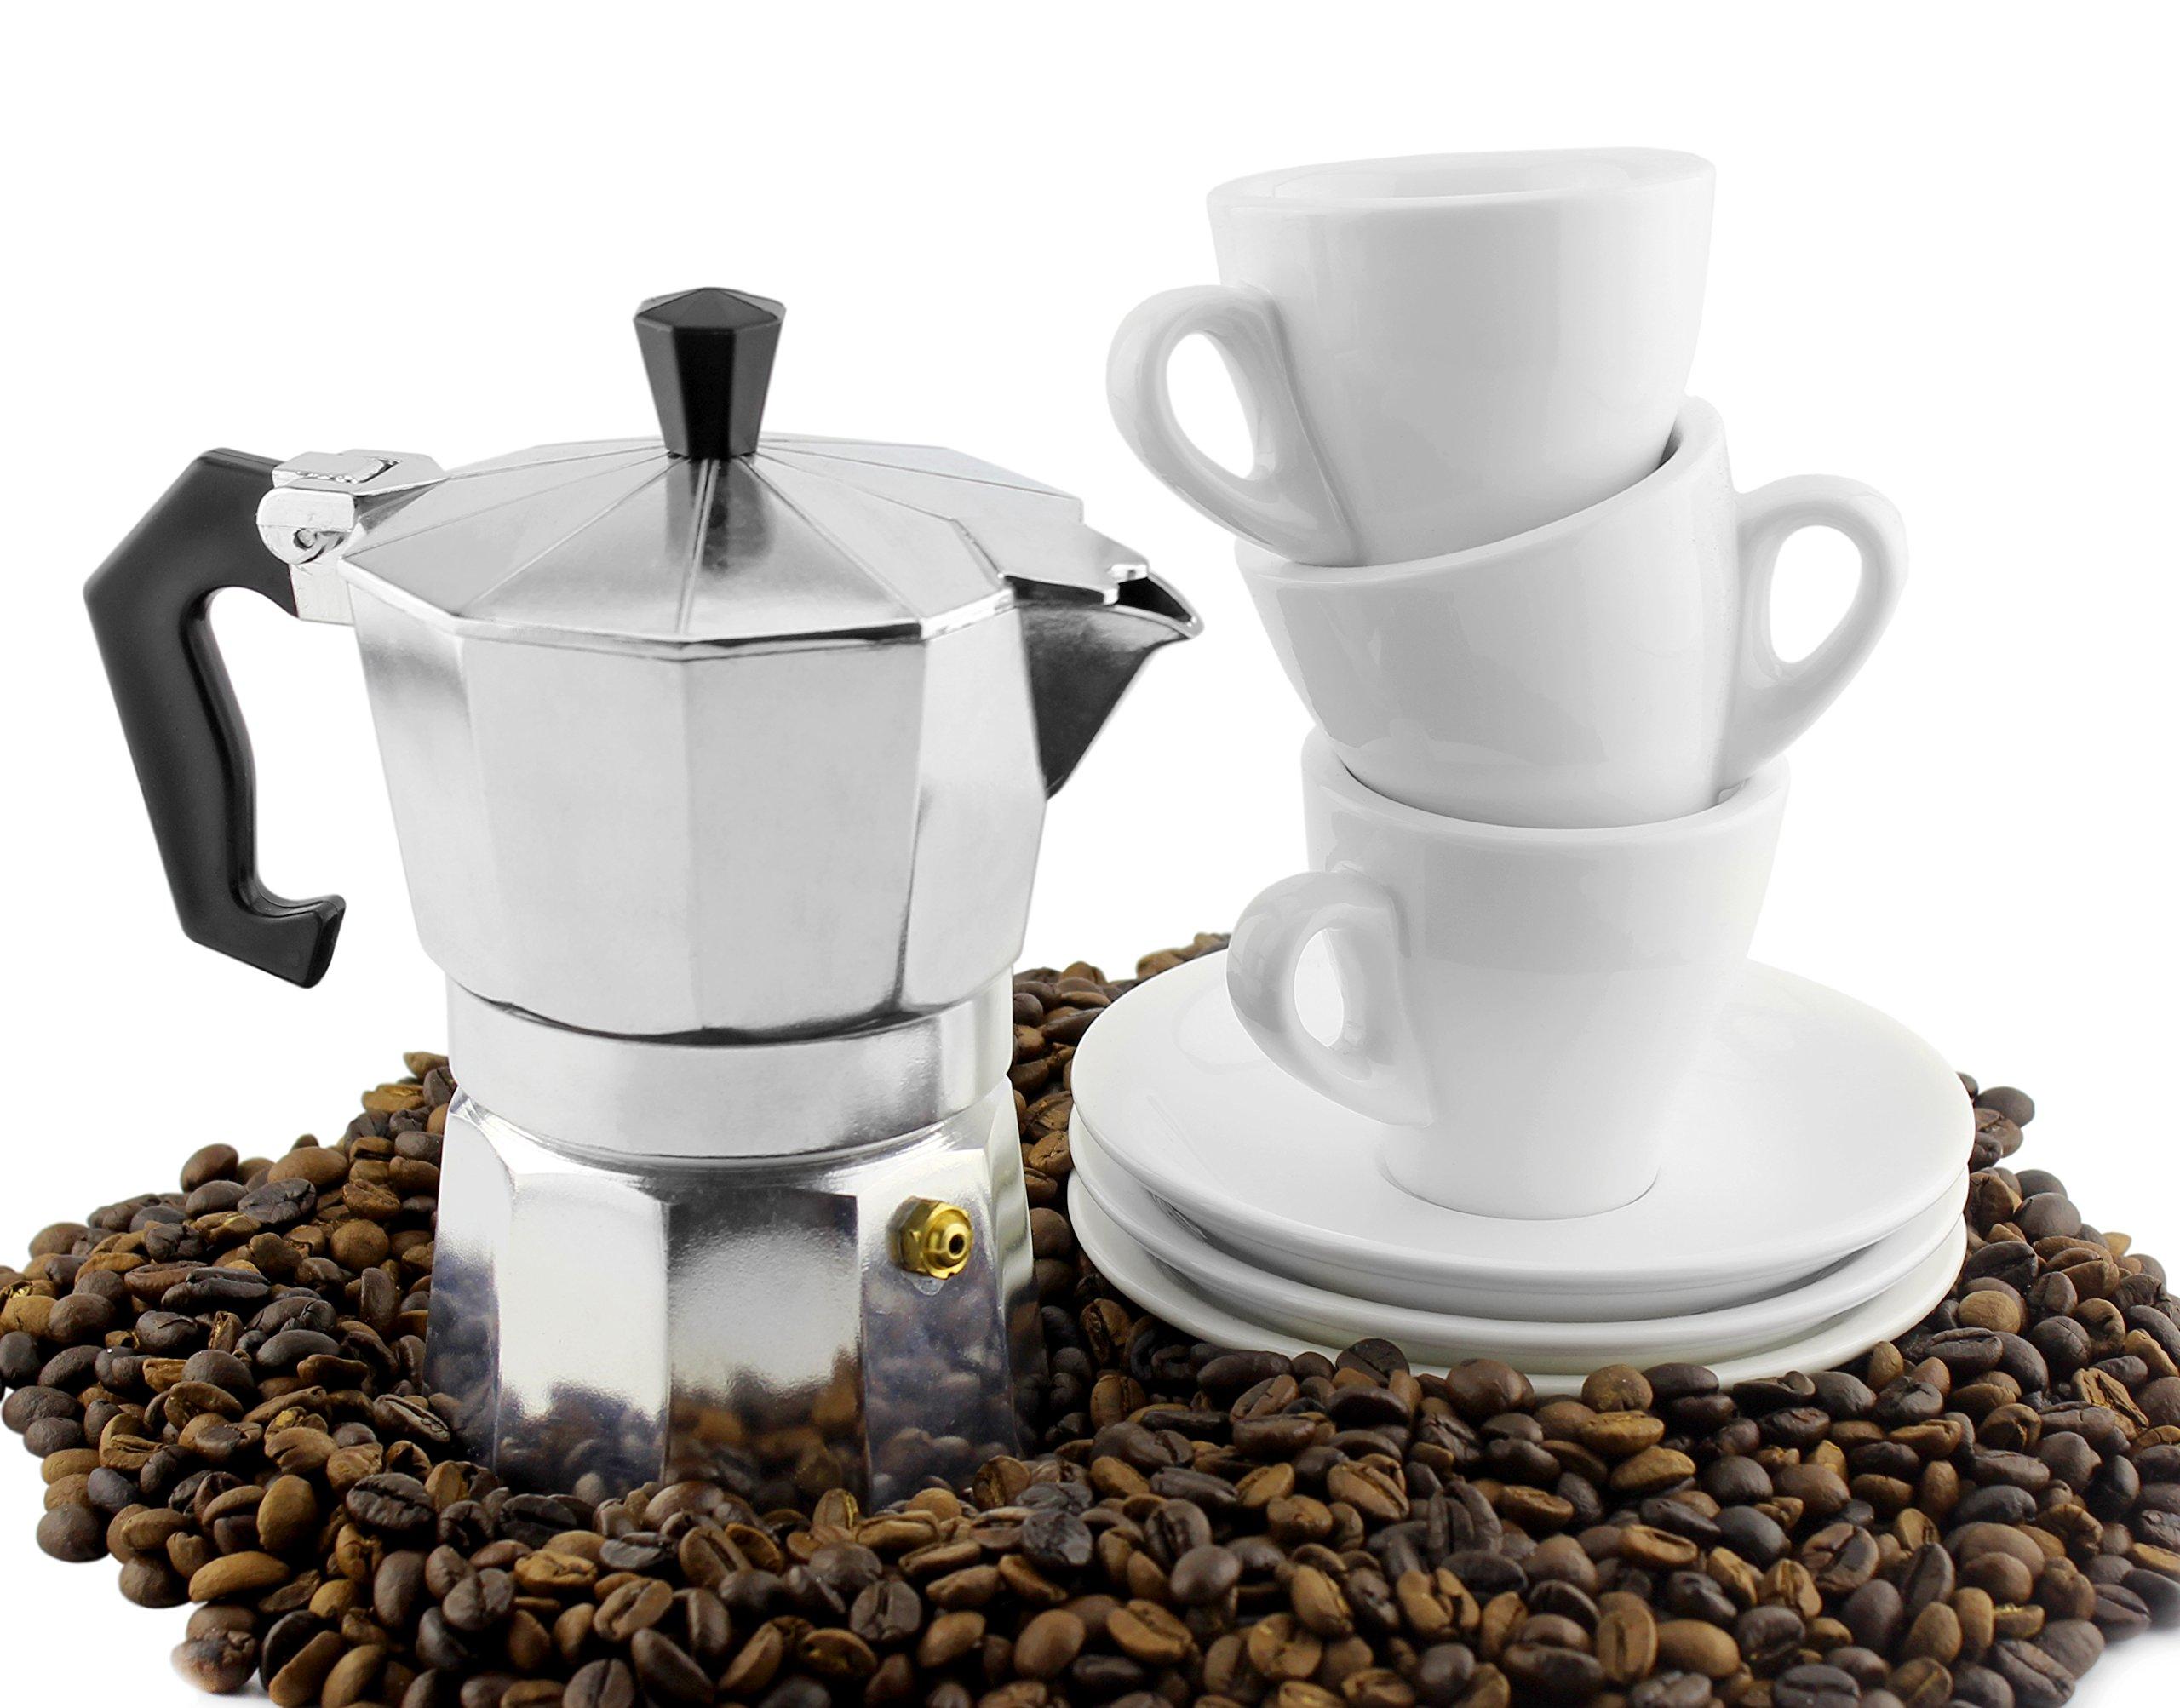 Moka Pot Set w/ Three Espresso Cups & Saucers (3-Serving Stovetop Espresso Maker)